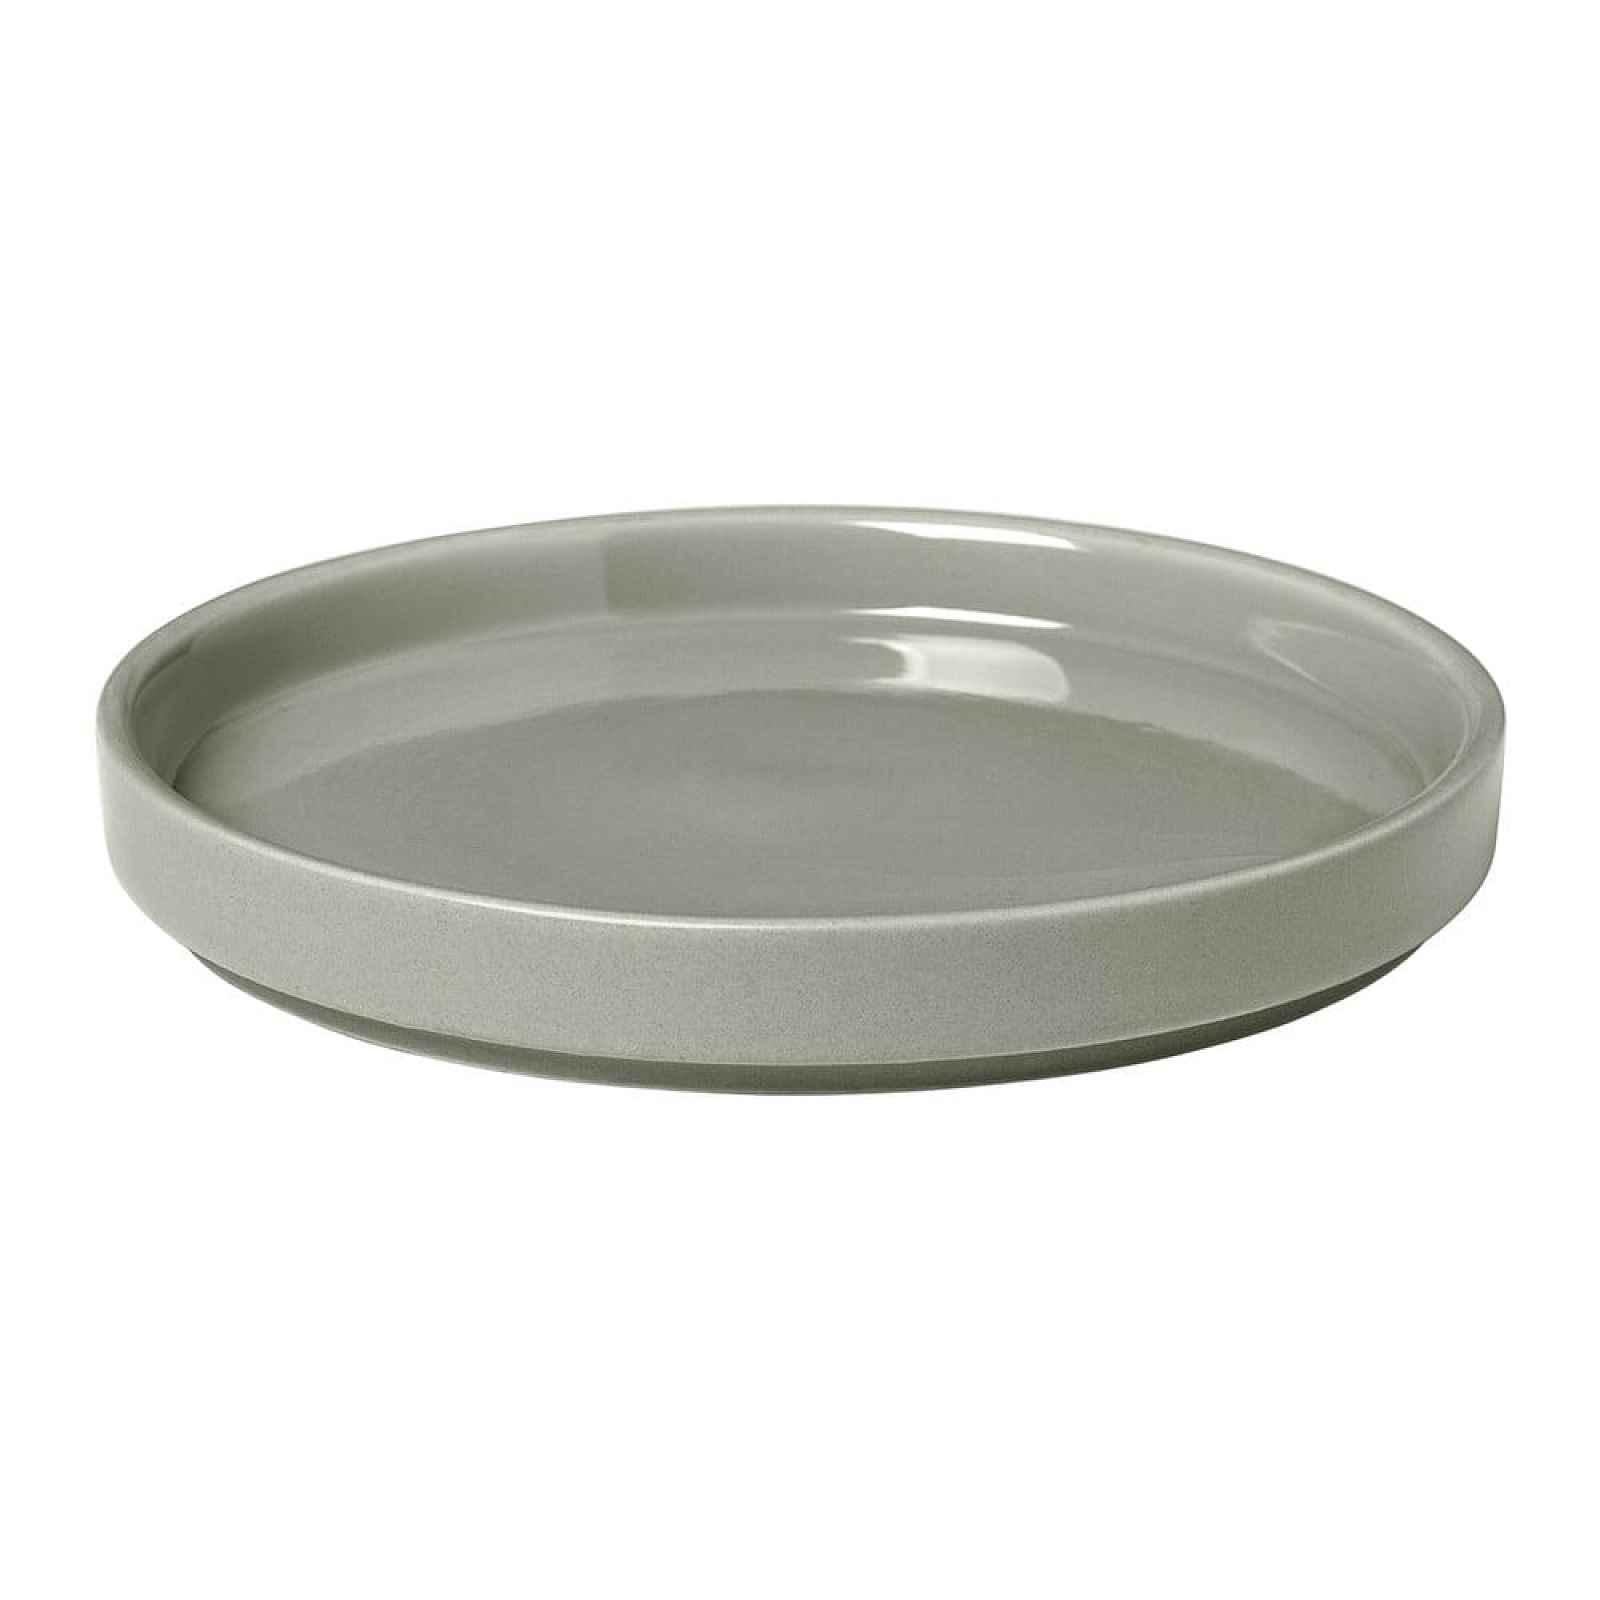 Světle šedý keramický talíř Blomus Pilar,ø14cm